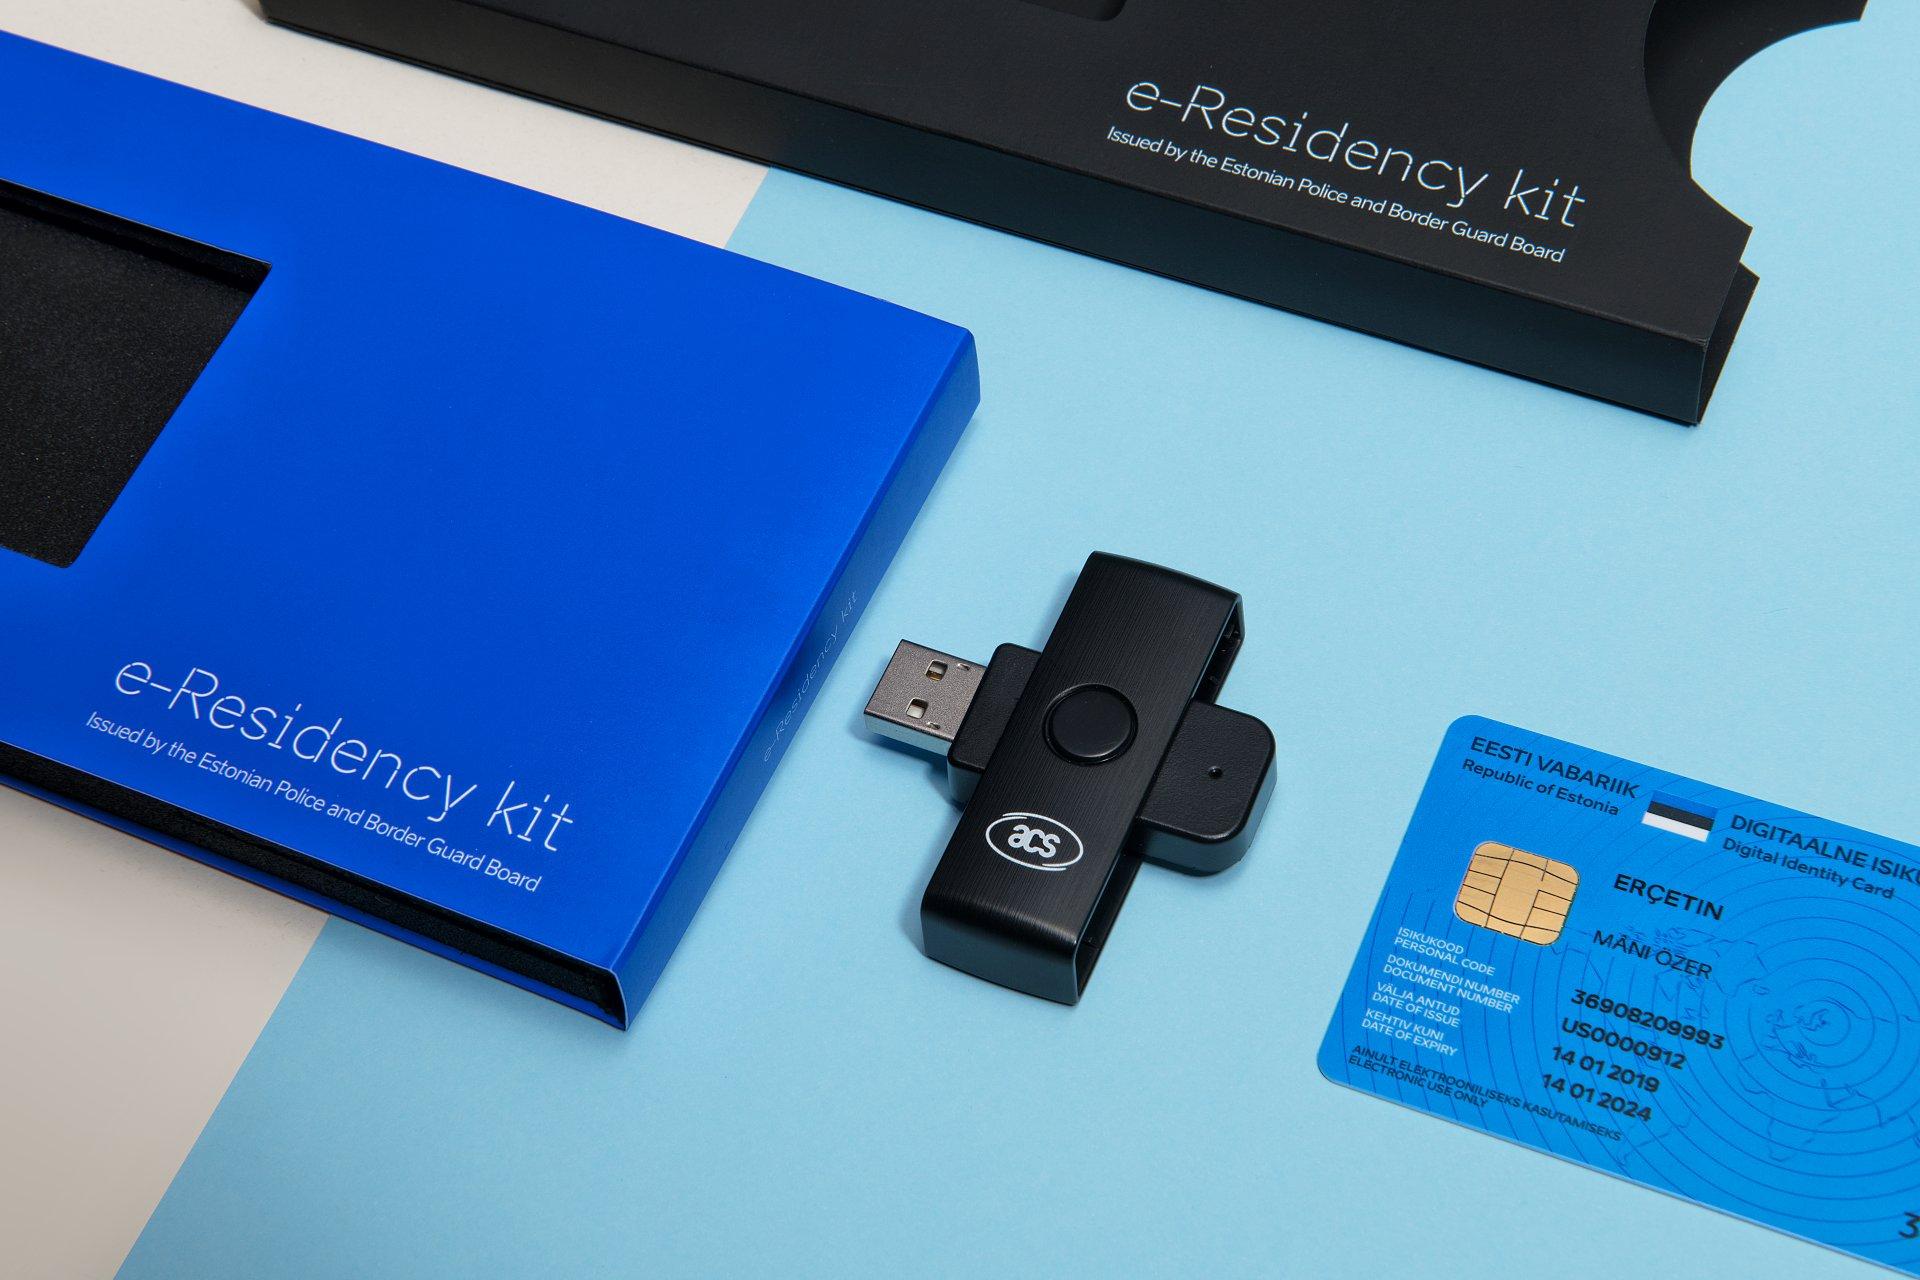 E-residency in Estonia